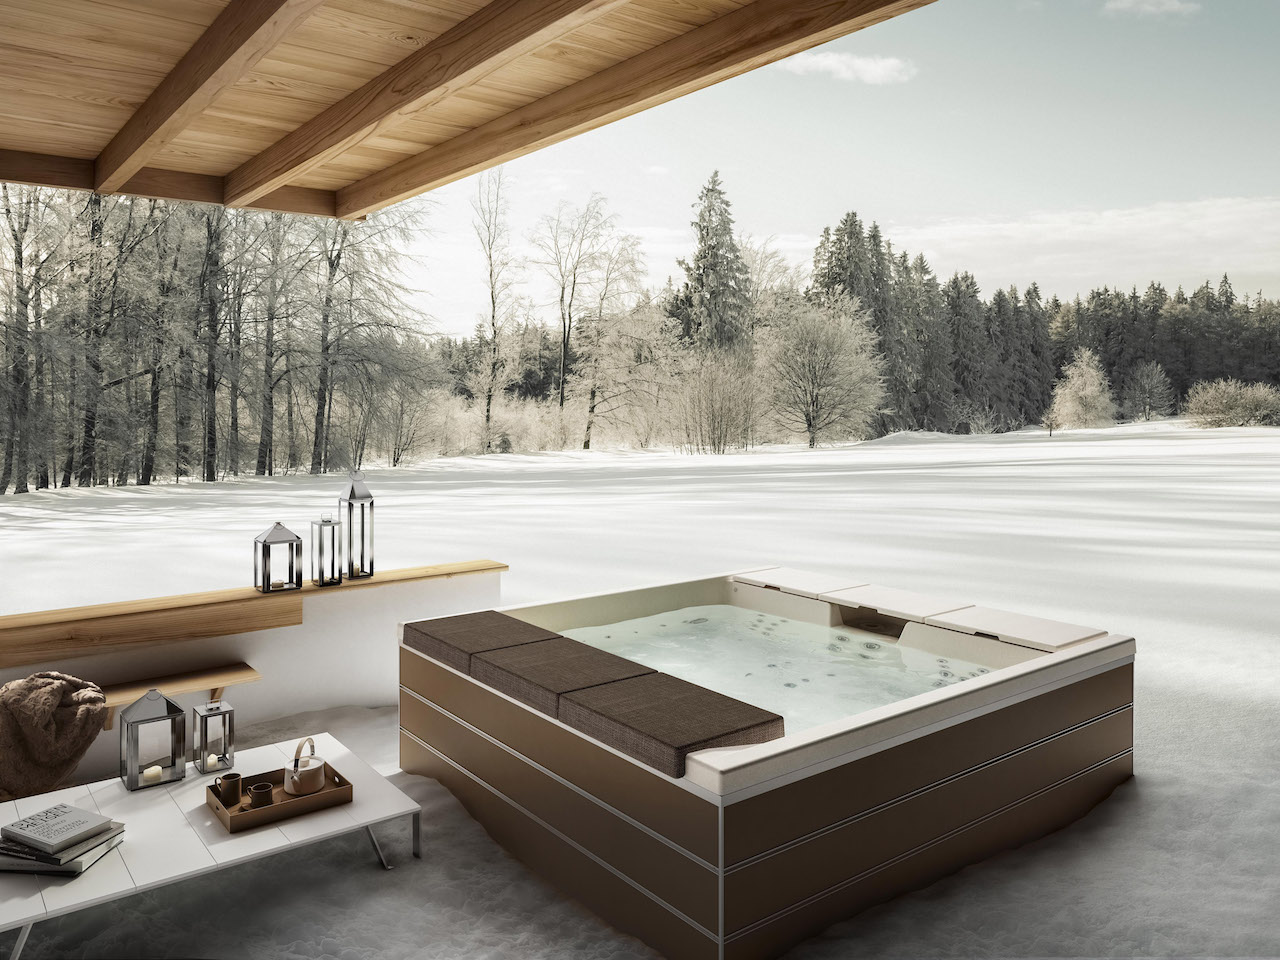 Una minipiscina per un bagno di relax anche in inverno - Minipiscinas para terrazas ...